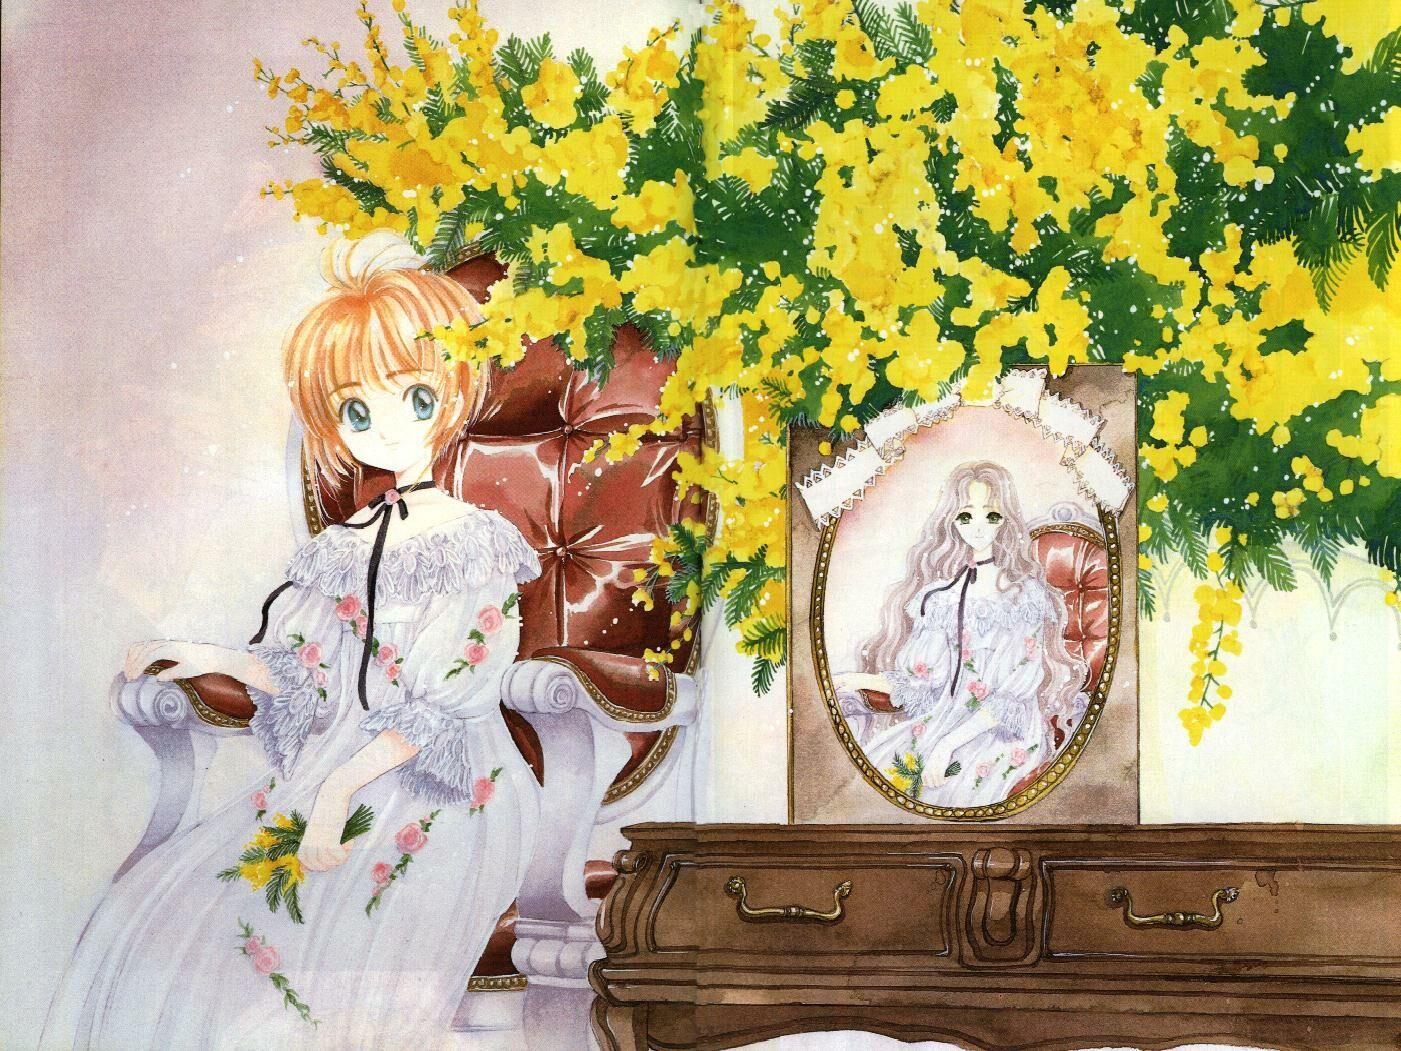 card_captor_sakura clamp dress flowers kinomoto_nadeshiko kinomoto_sakura